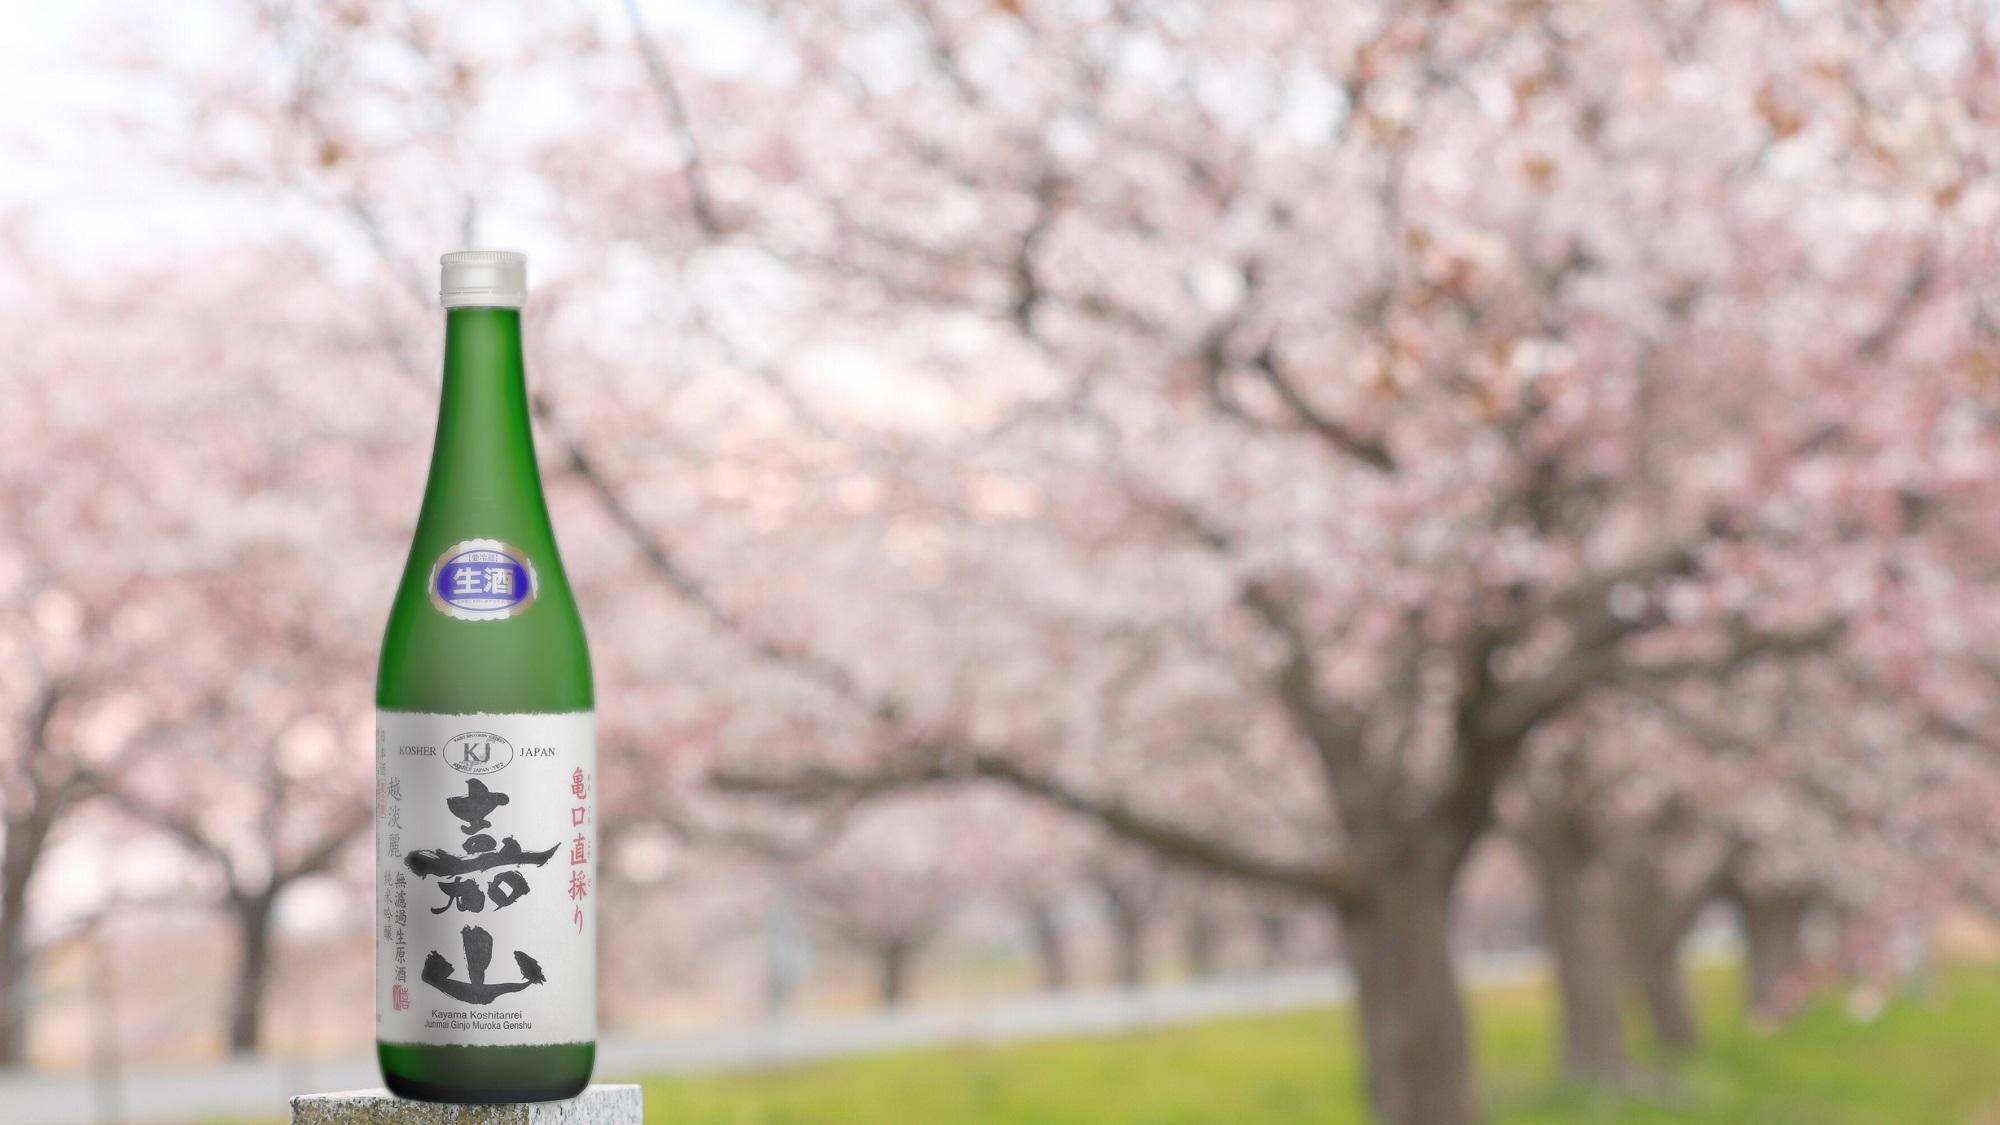 「伝統に新しい息吹」DHCの日本酒 伝統の製法と熟練の技、そして最新の設備の融合が織りなす酒造り  サムネイル